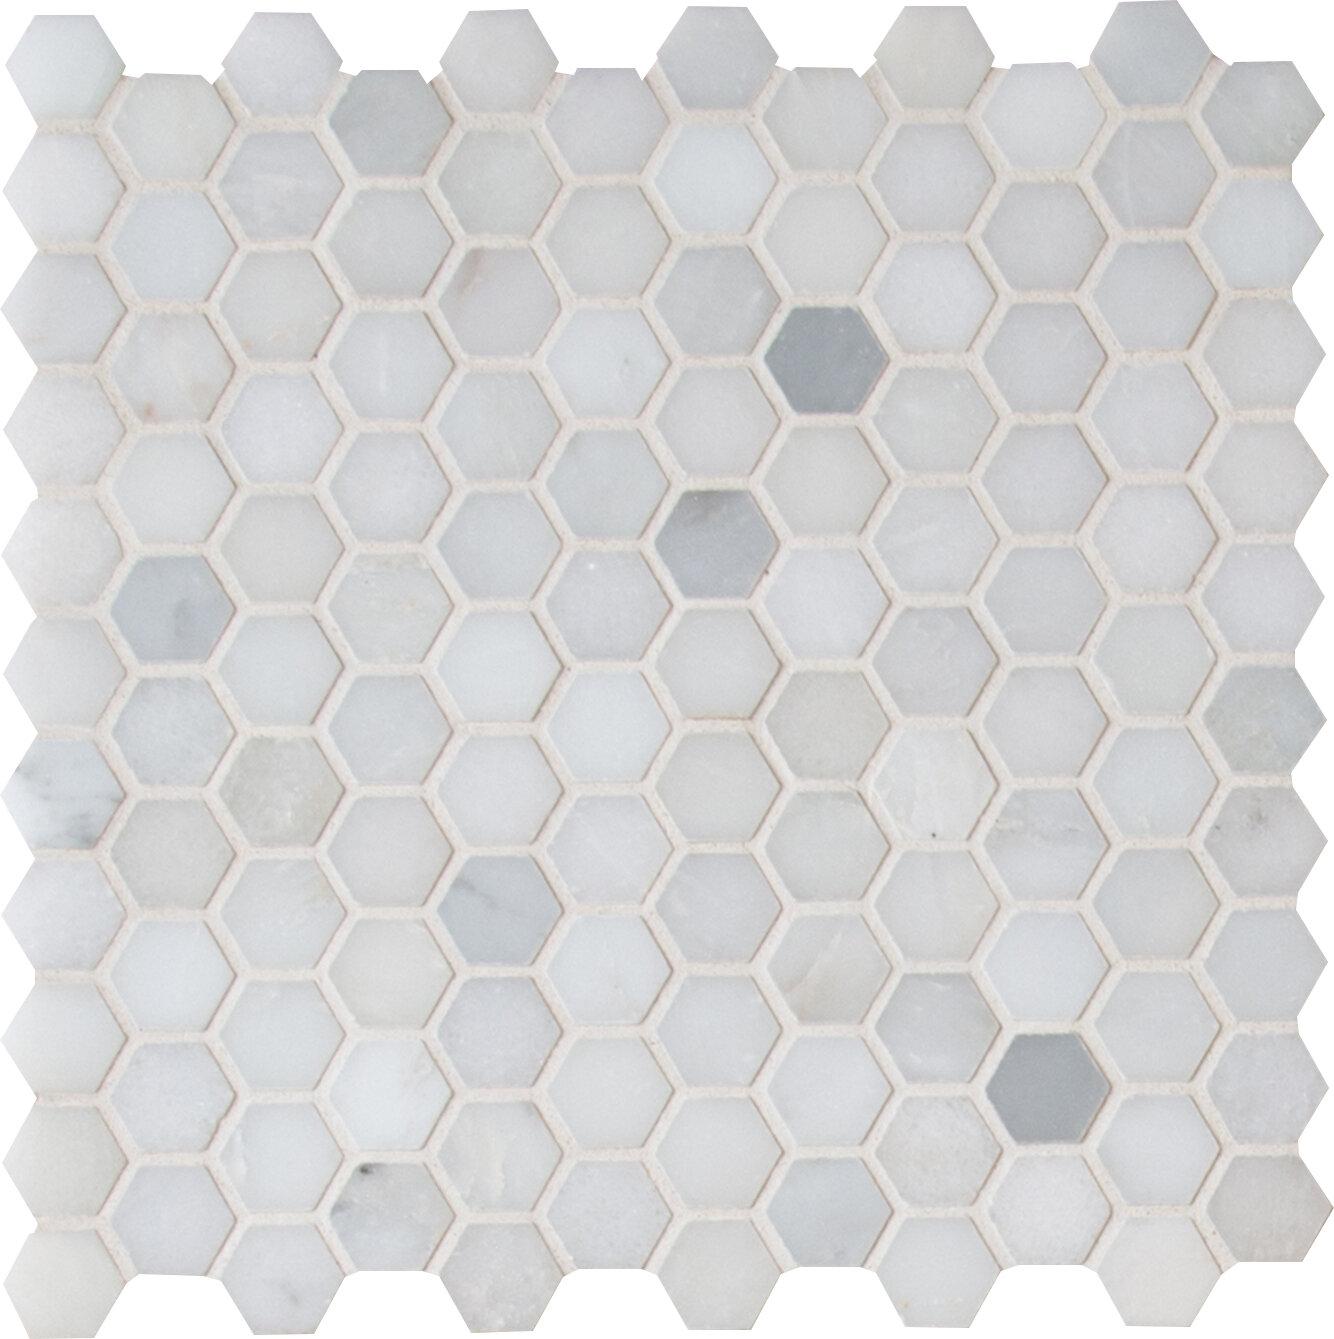 Belmont 1 X 1 Marble Mosaic Tile Reviews Allmodern